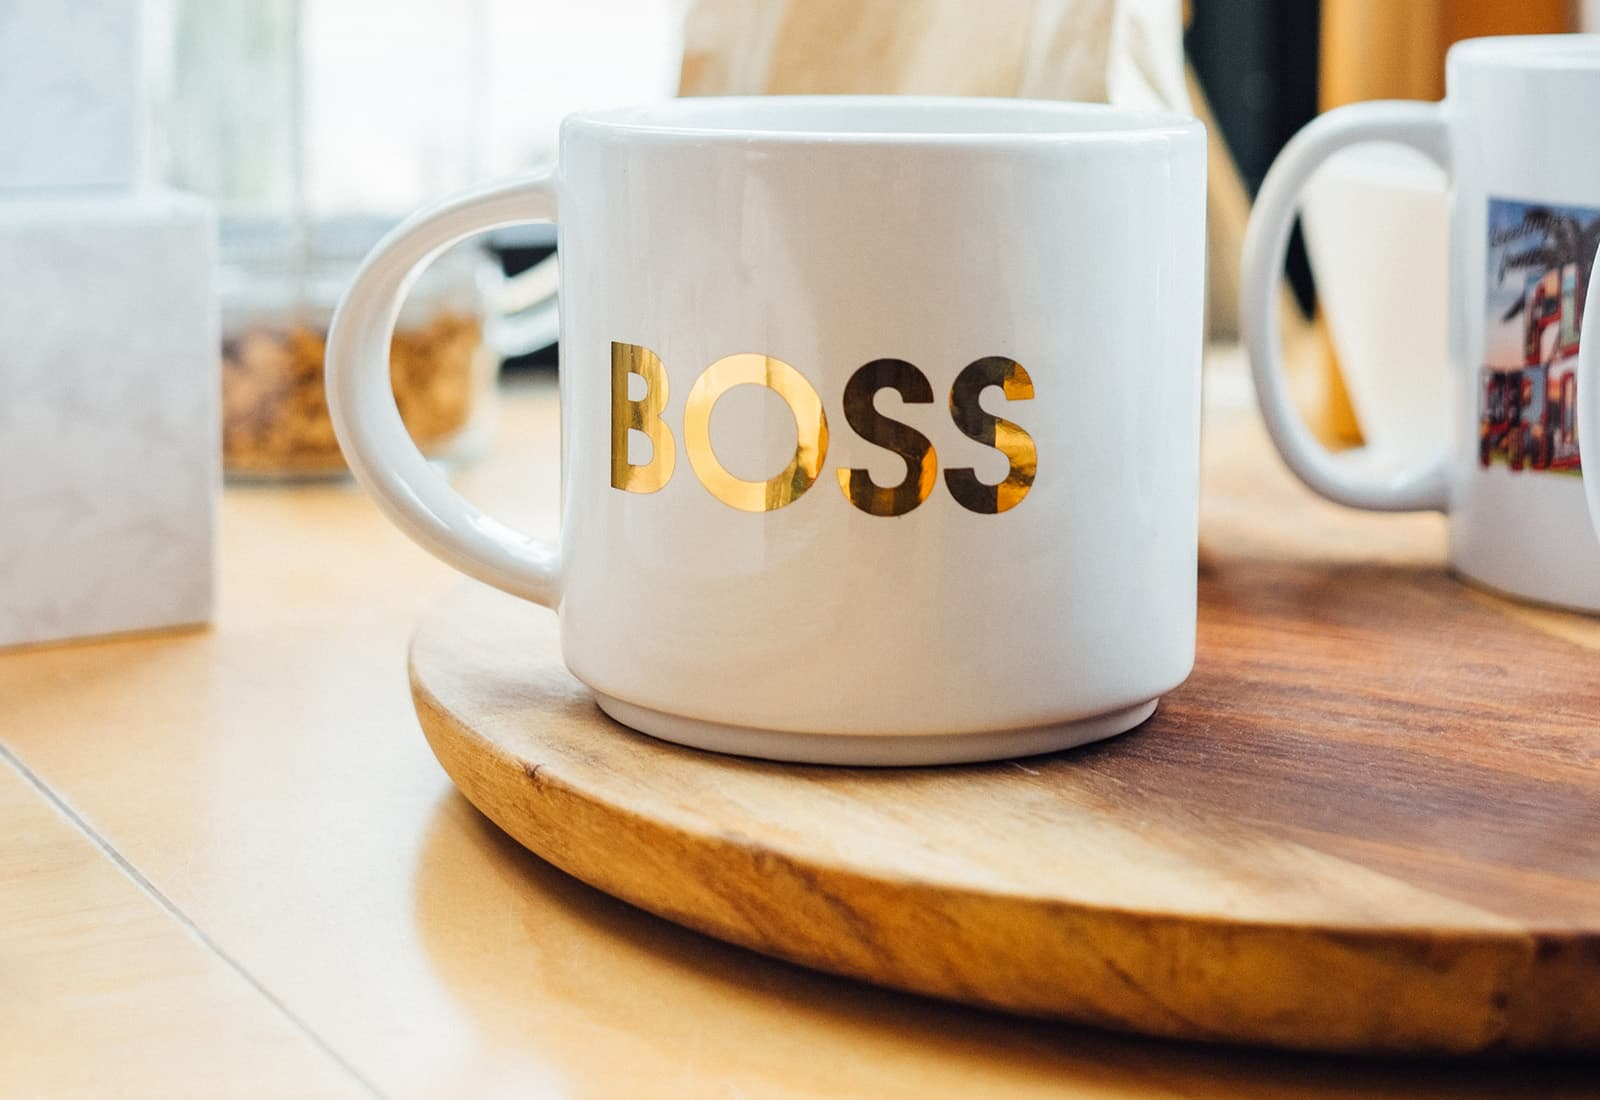 Berufliche Neuorientierung: Warum wollen Sie Führungskraft werden?